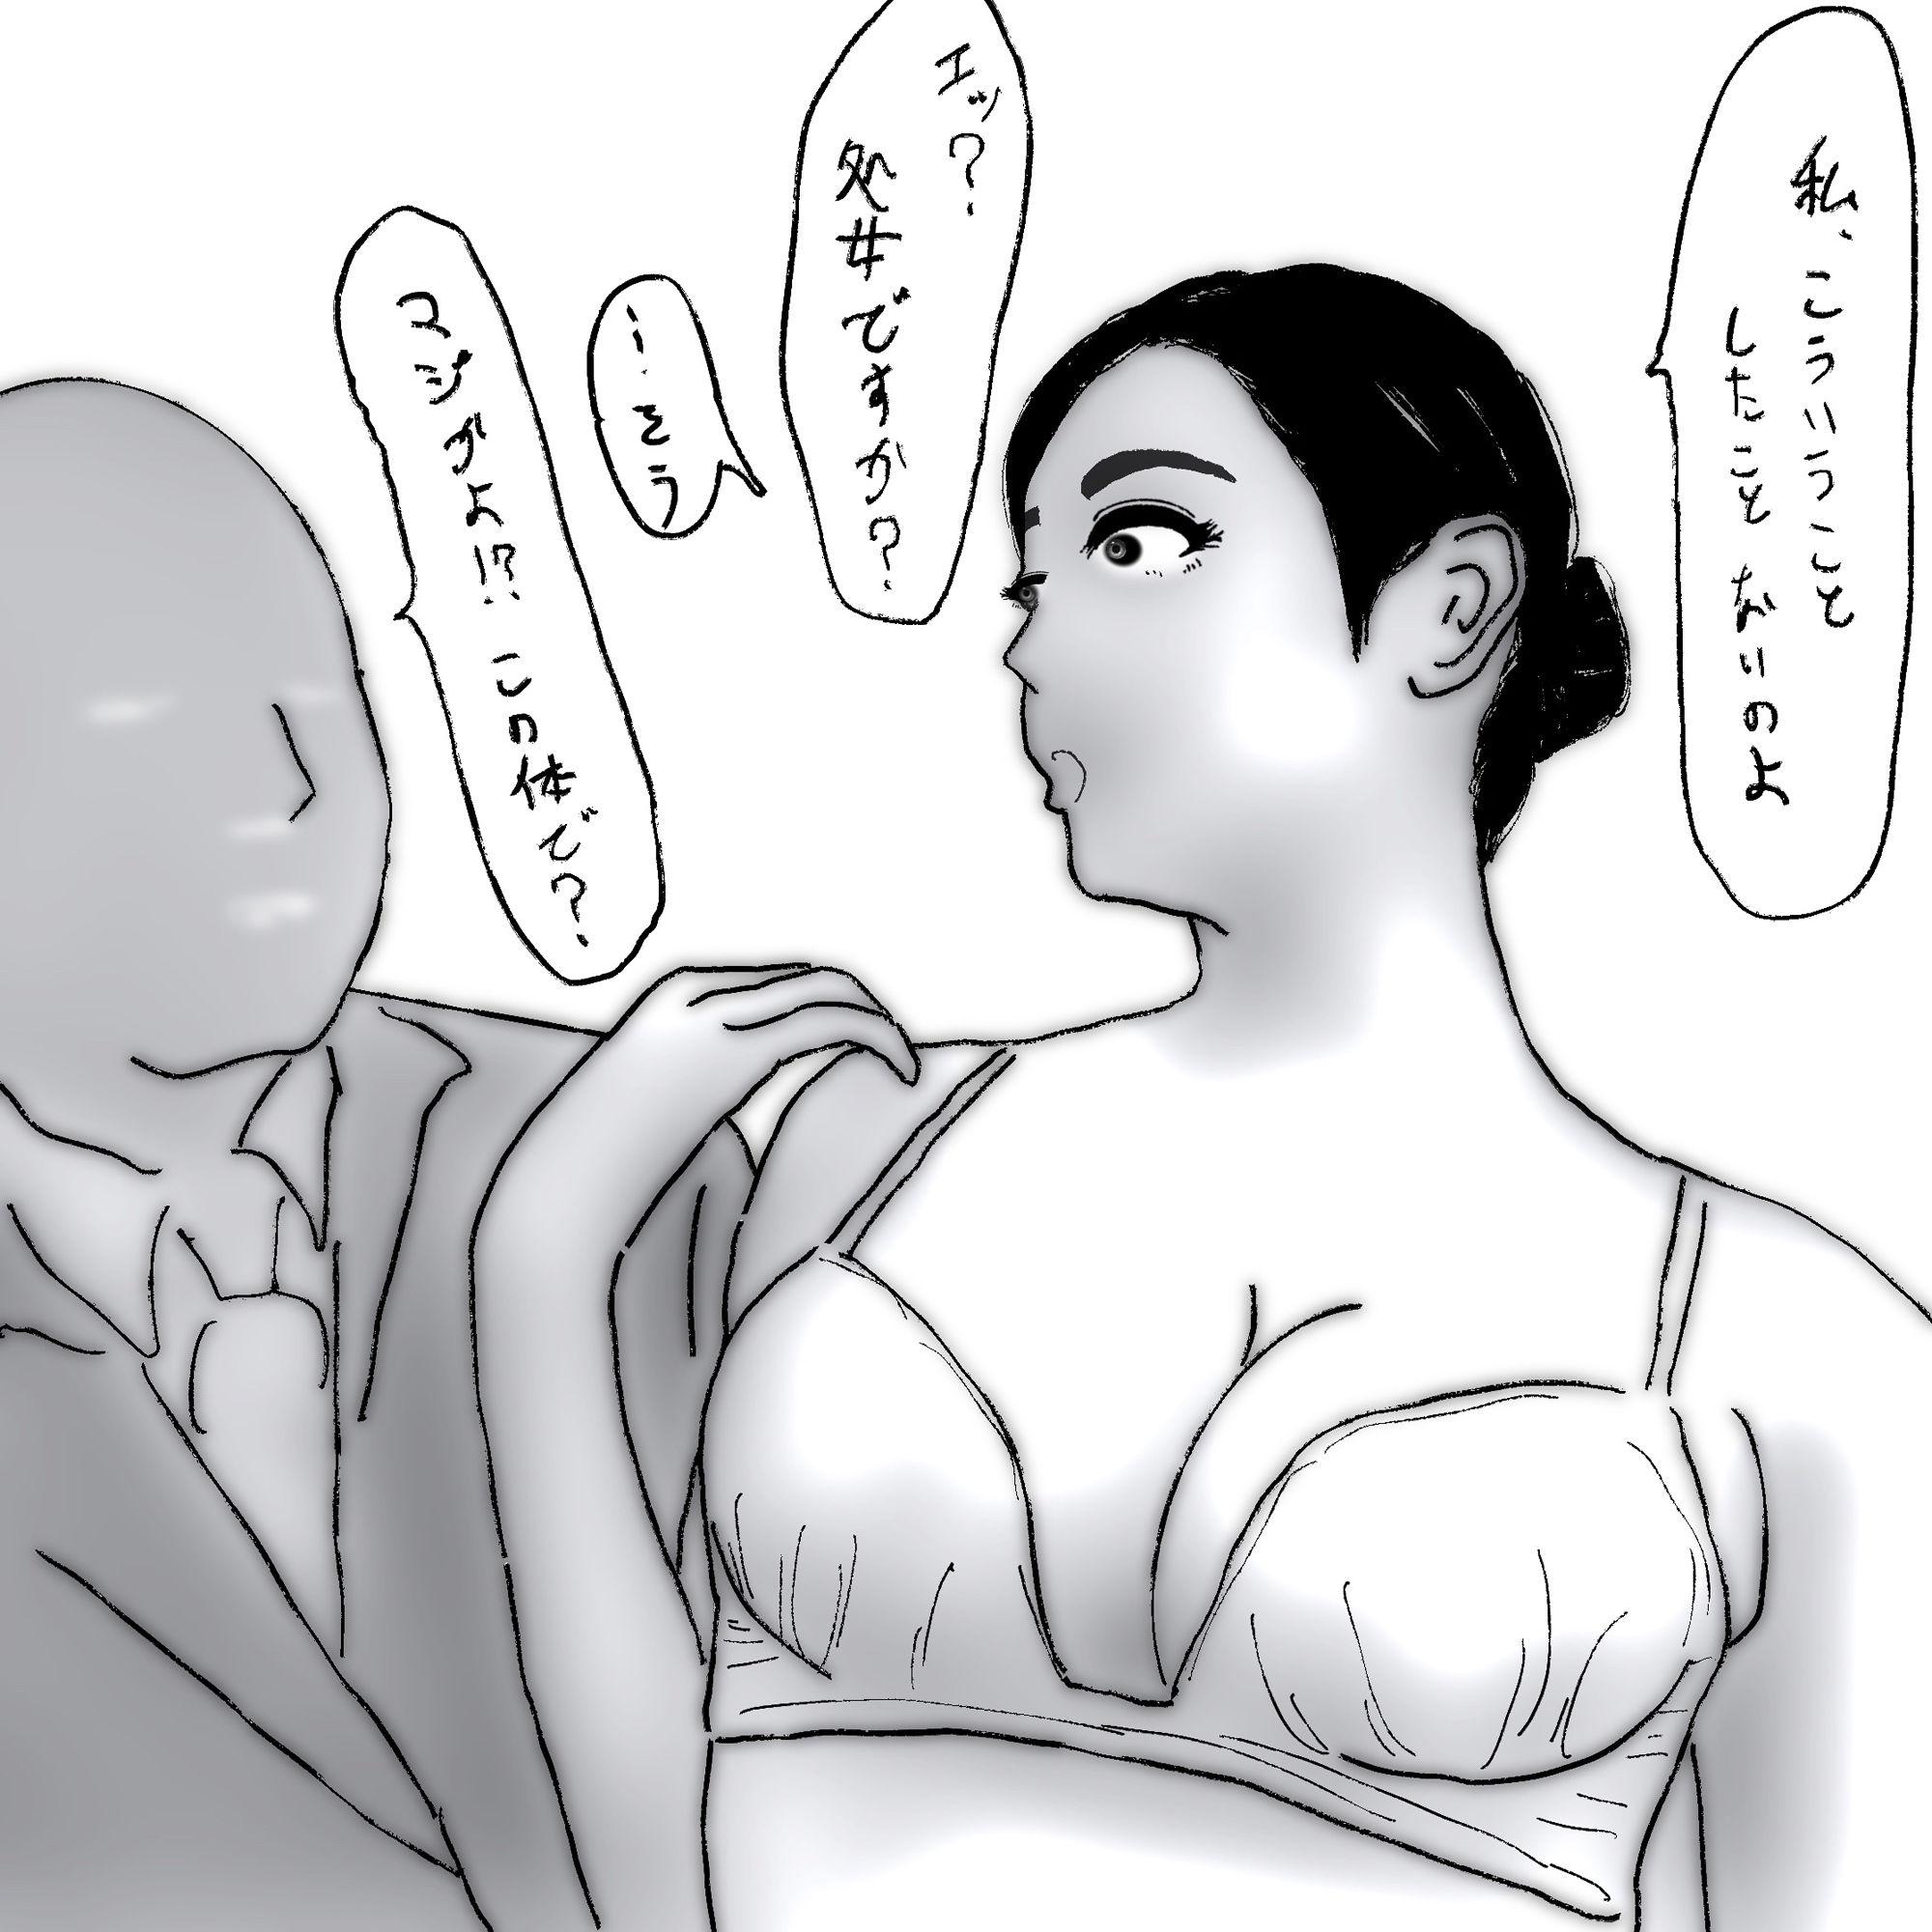 サンプル画像4:40pエロい身体なのに性に疎い女上司(48手越) [d_190378]